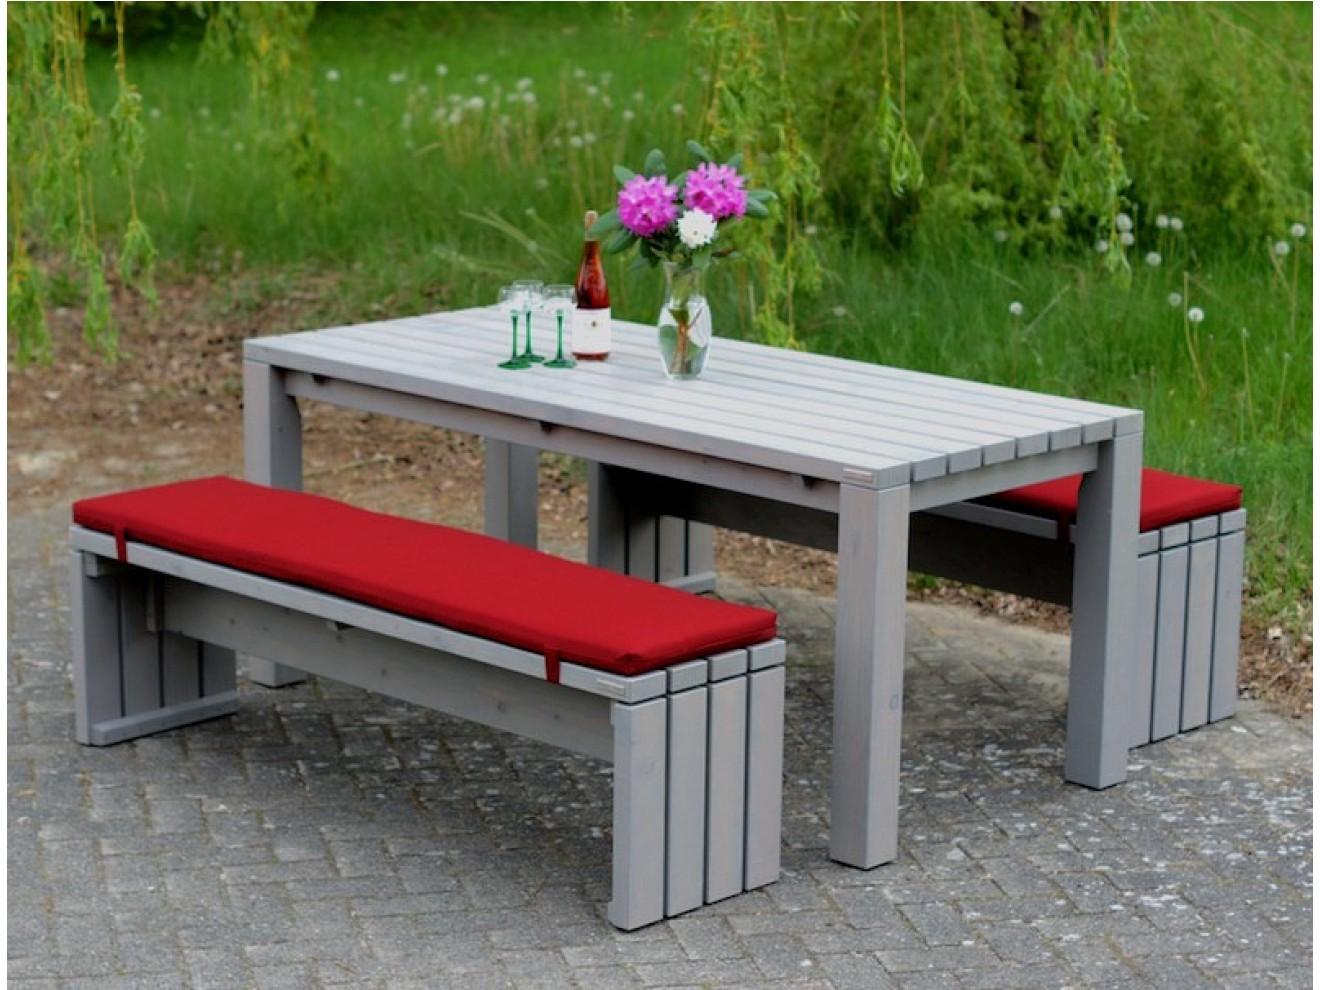 Bevorzugt Gartentisch - Zeitlose Gartenmöbel aus heimischem Holz KJ52